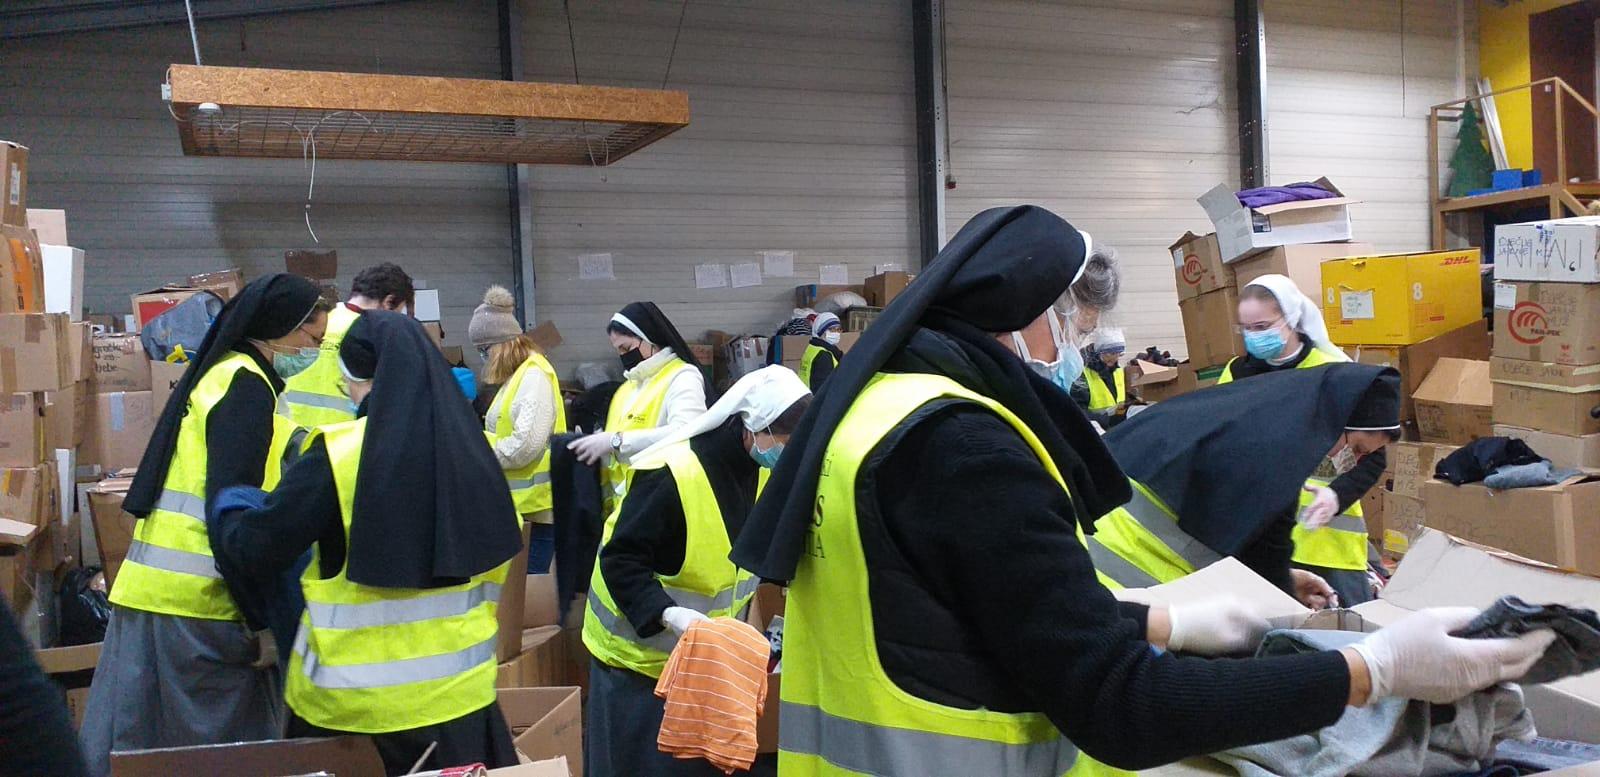 Hrvatska redovnicka konferencija pomaze stradalima u potresu 5